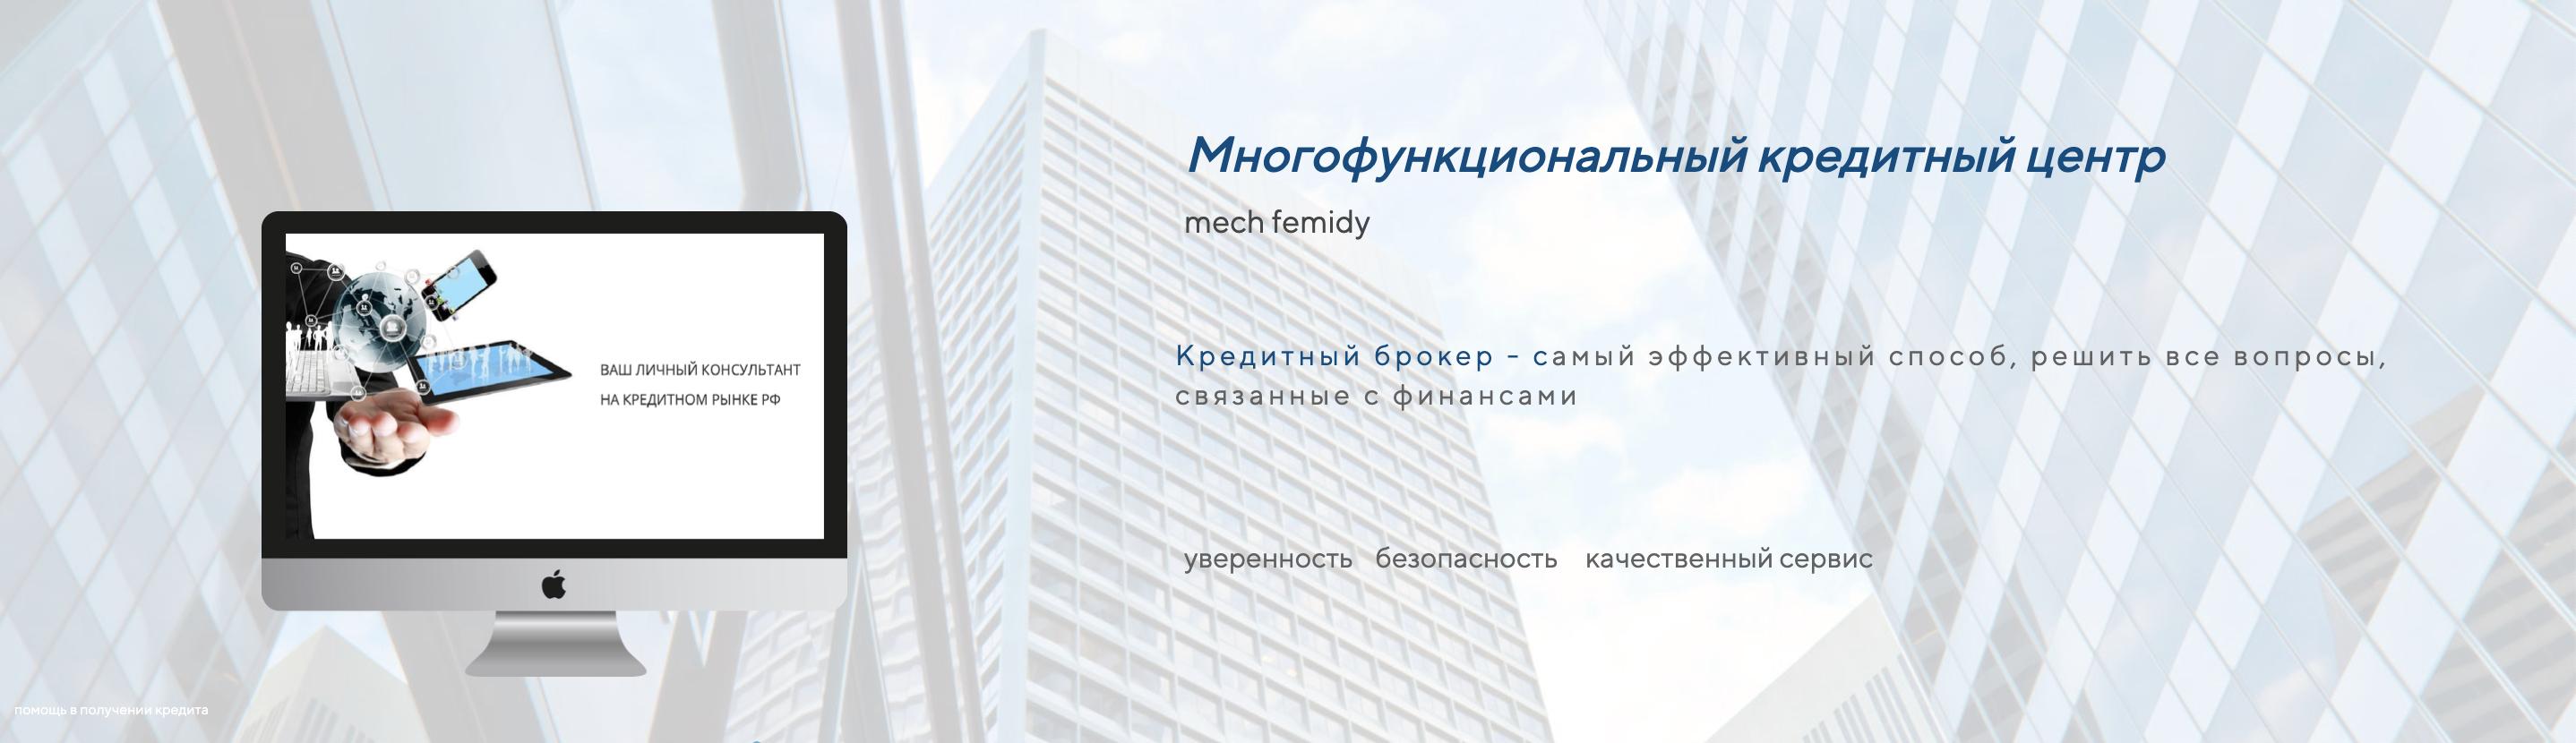 кредитный специалист банк хоум кредит отзывы сотрудников омскманимен займ отзывы должников